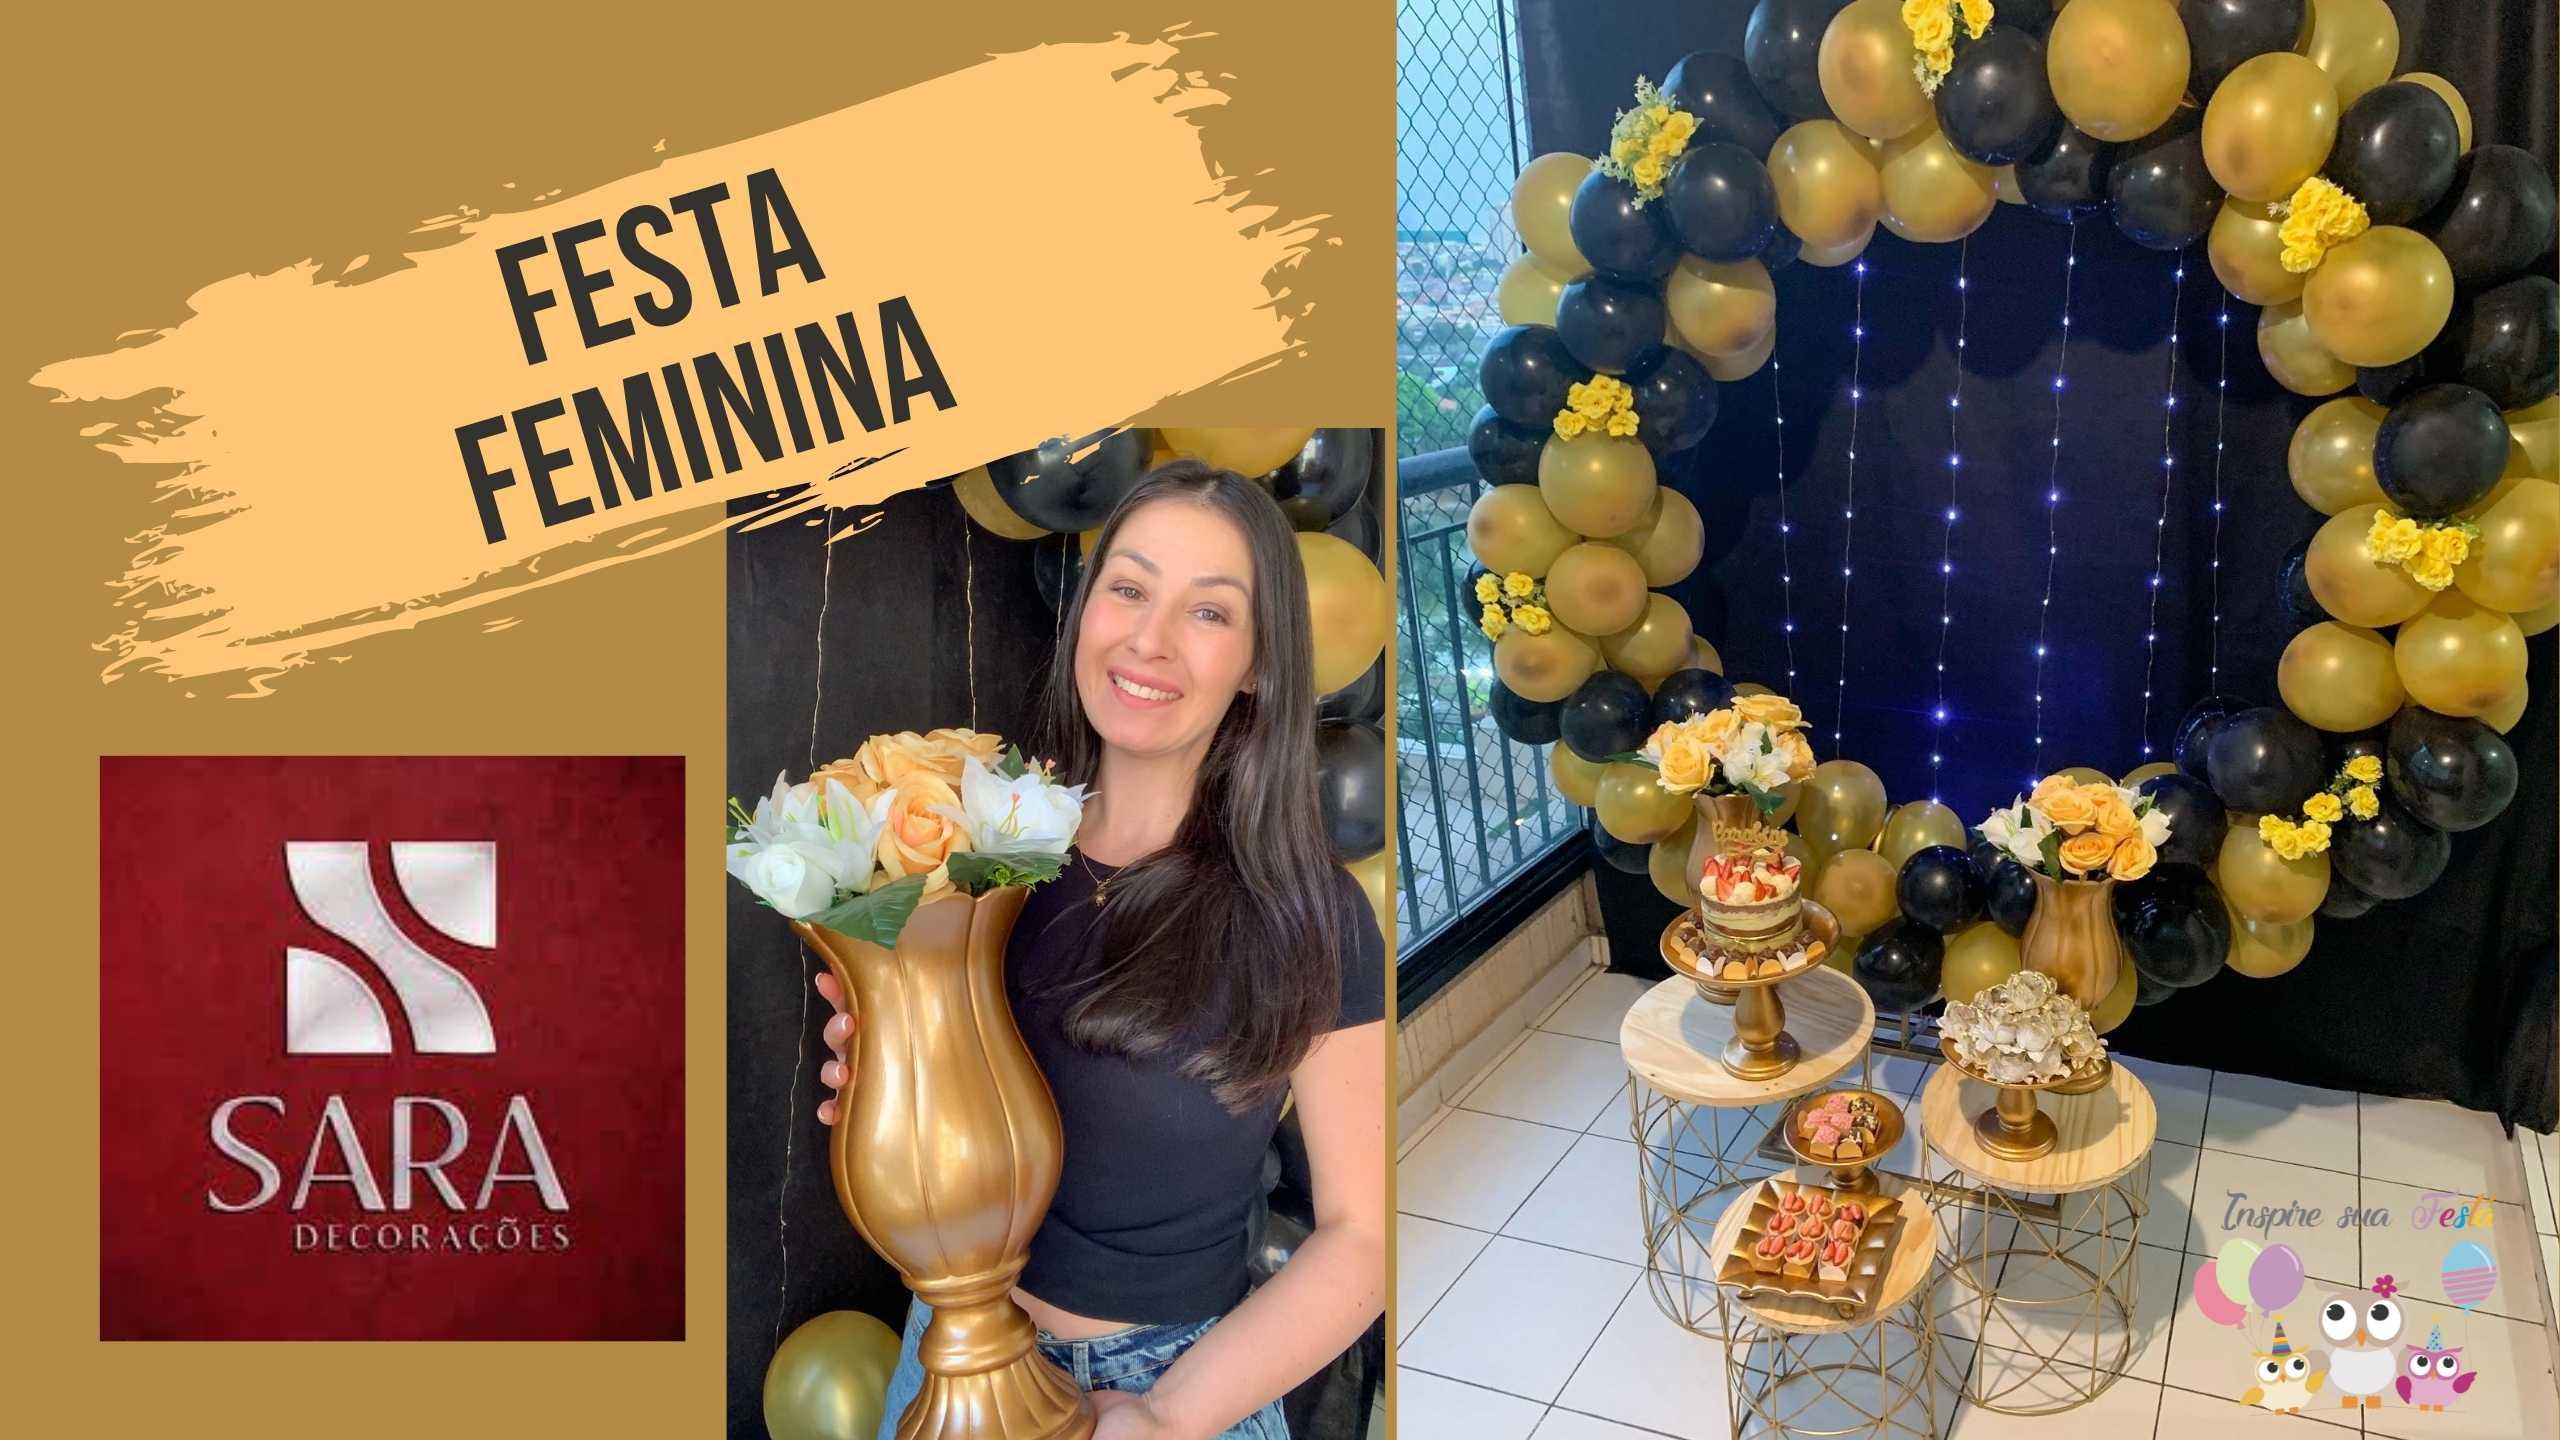 Festa Feminina Preto e Dourado com produtos da Sara Loja Decorações